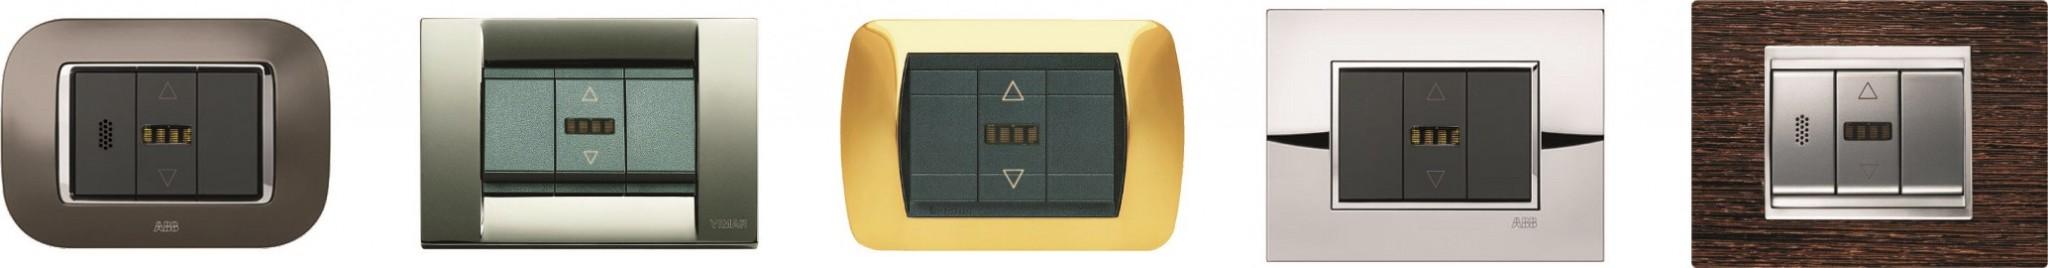 Sensori-temperatura-umidita_Placche_varie_marche_pulsanti_termoregolazione_SMARTOUCH